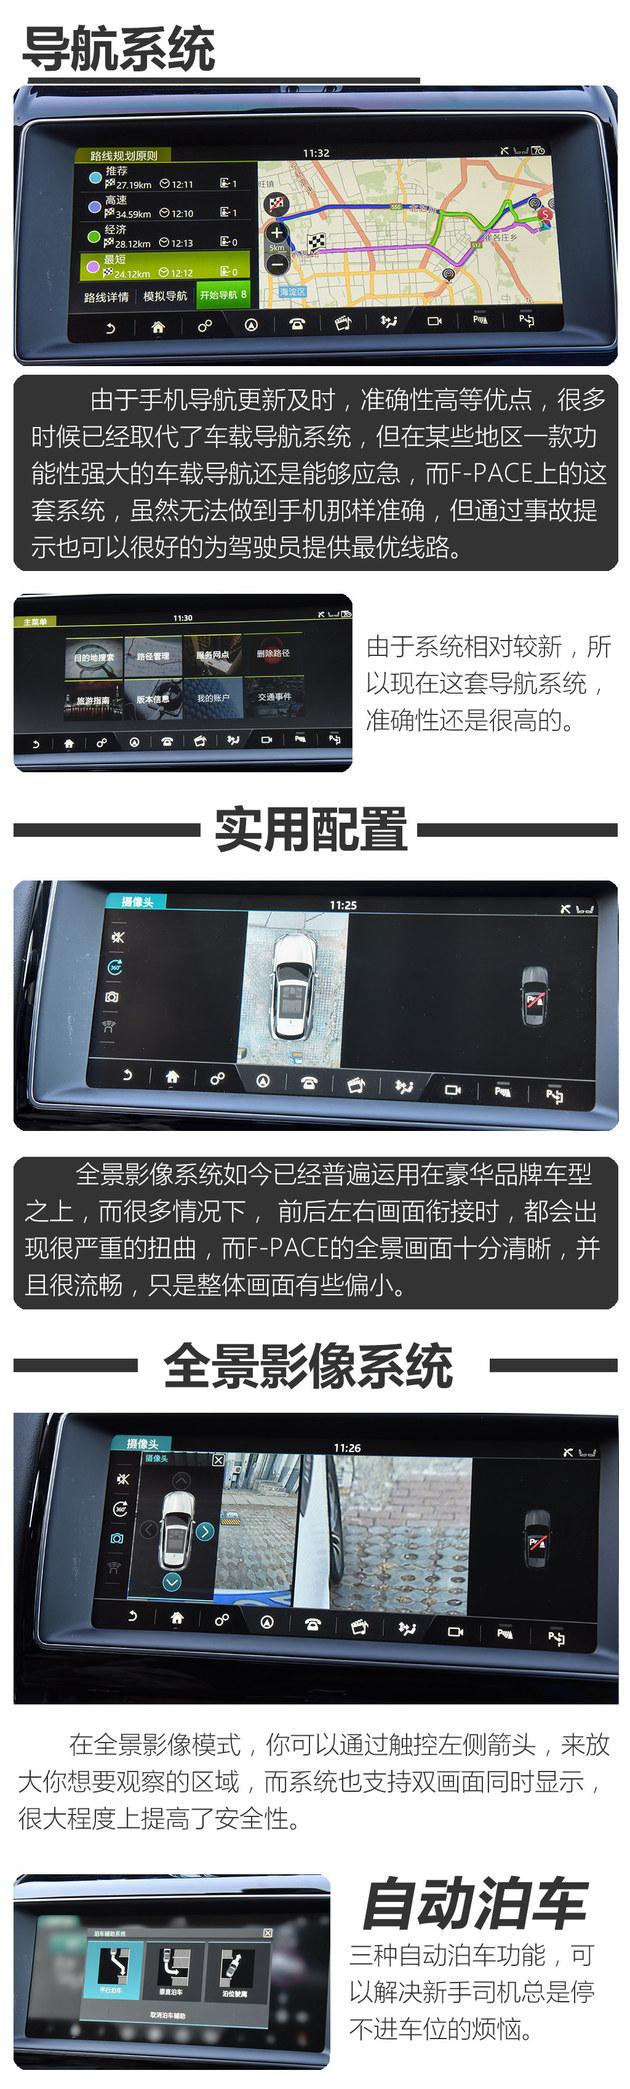 捷豹F-PACE多媒体系统体验 功能性强